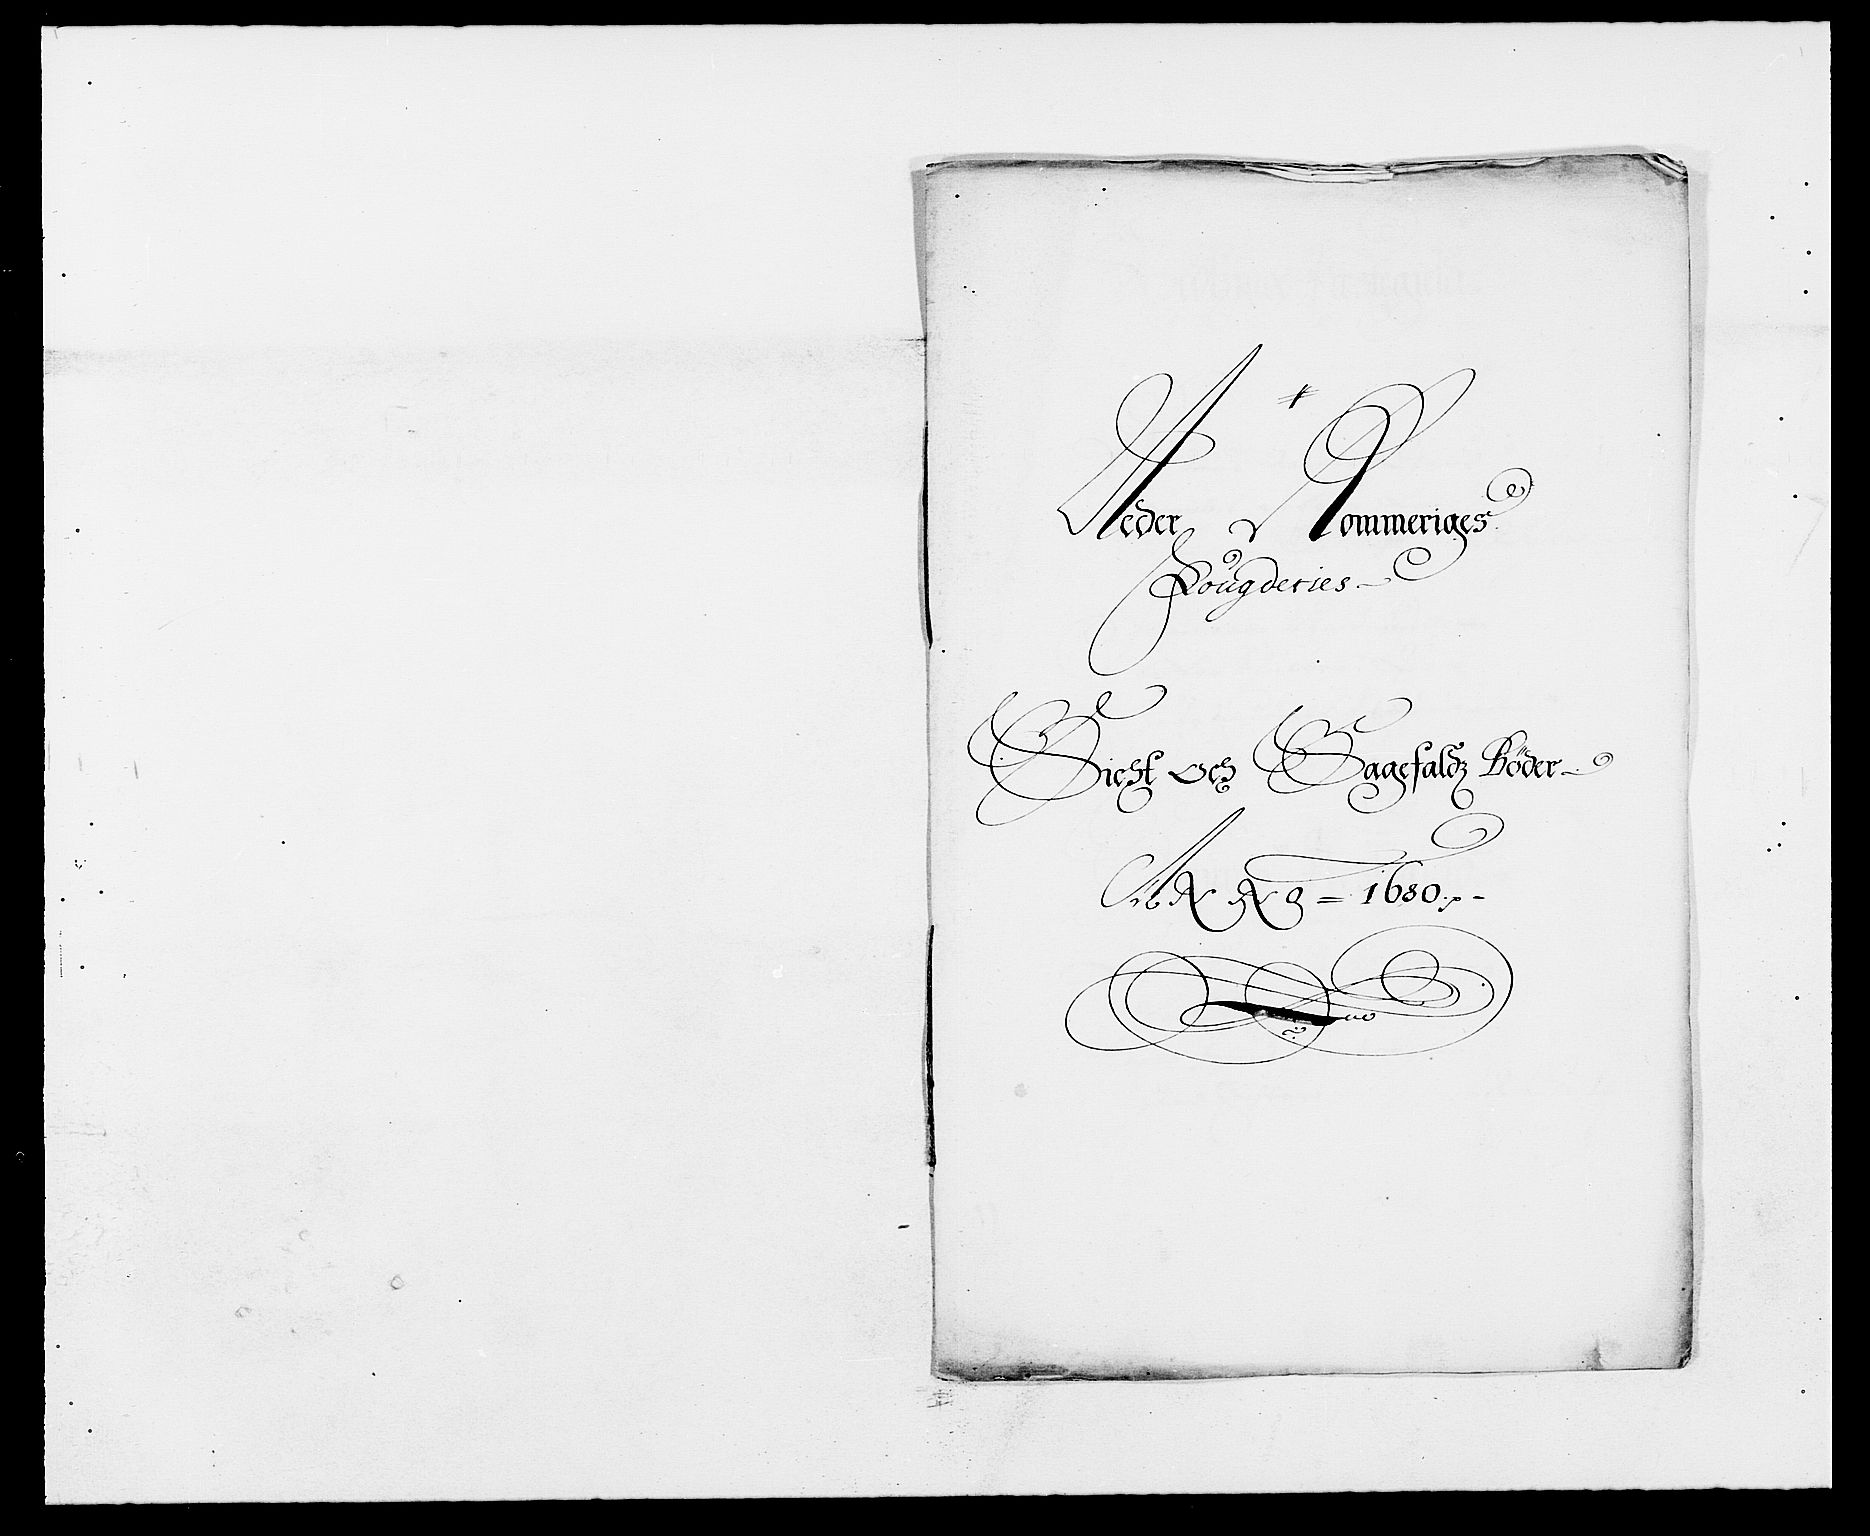 RA, Rentekammeret inntil 1814, Reviderte regnskaper, Fogderegnskap, R11/L0569: Fogderegnskap Nedre Romerike, 1680-1681, s. 211